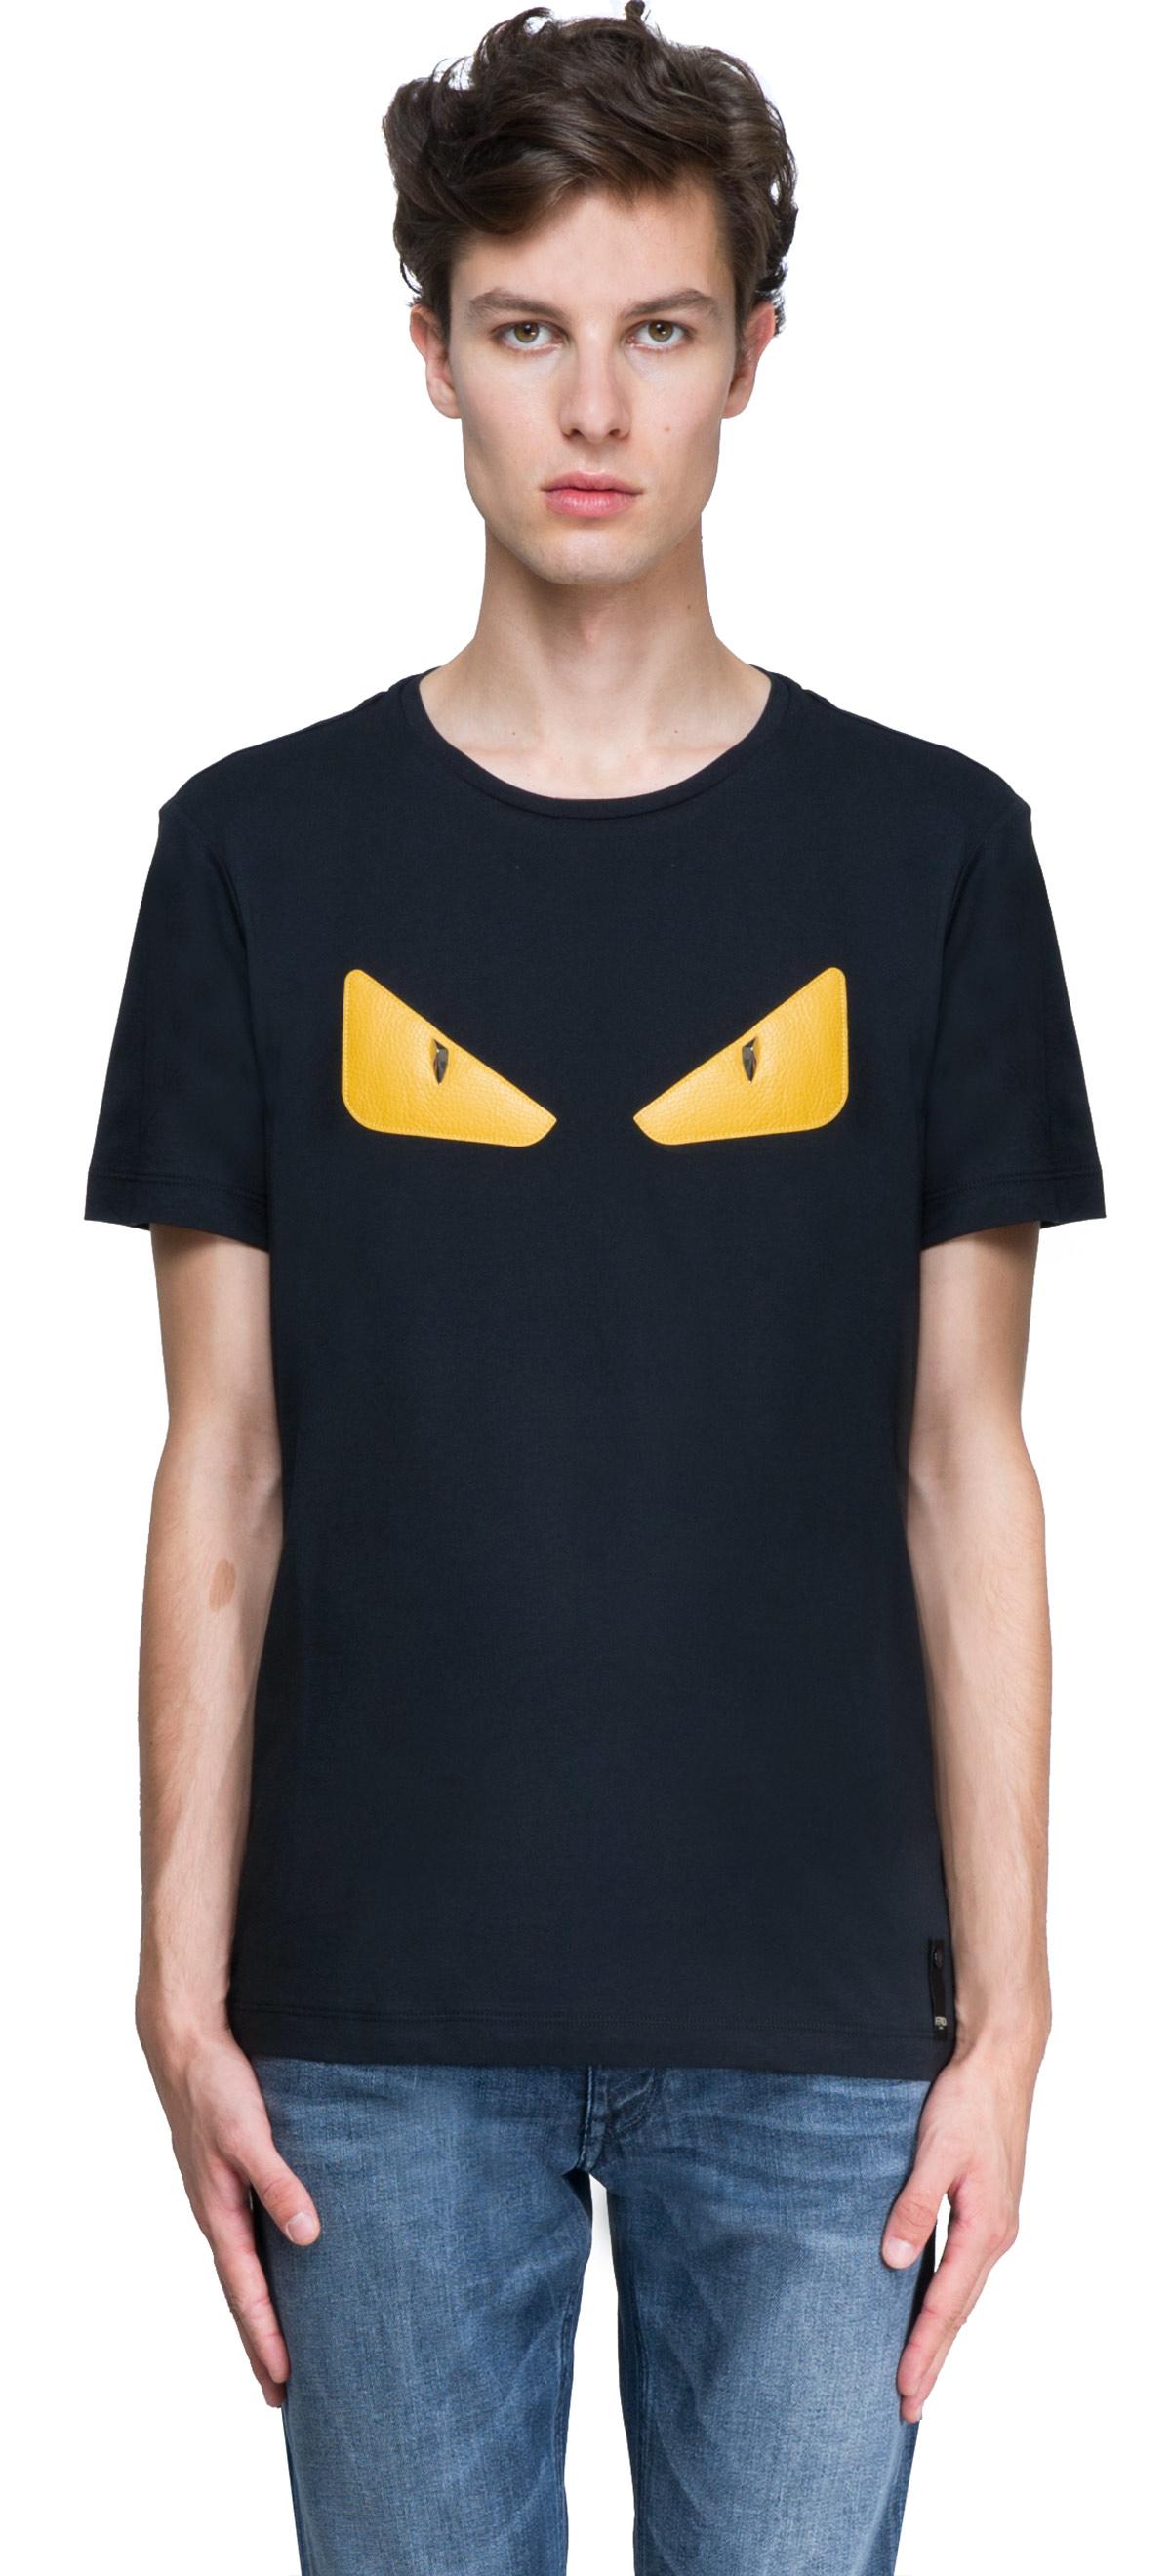 5b7d69bf6f76 Lyst - Fendi Monster T-shirt in Black for Men